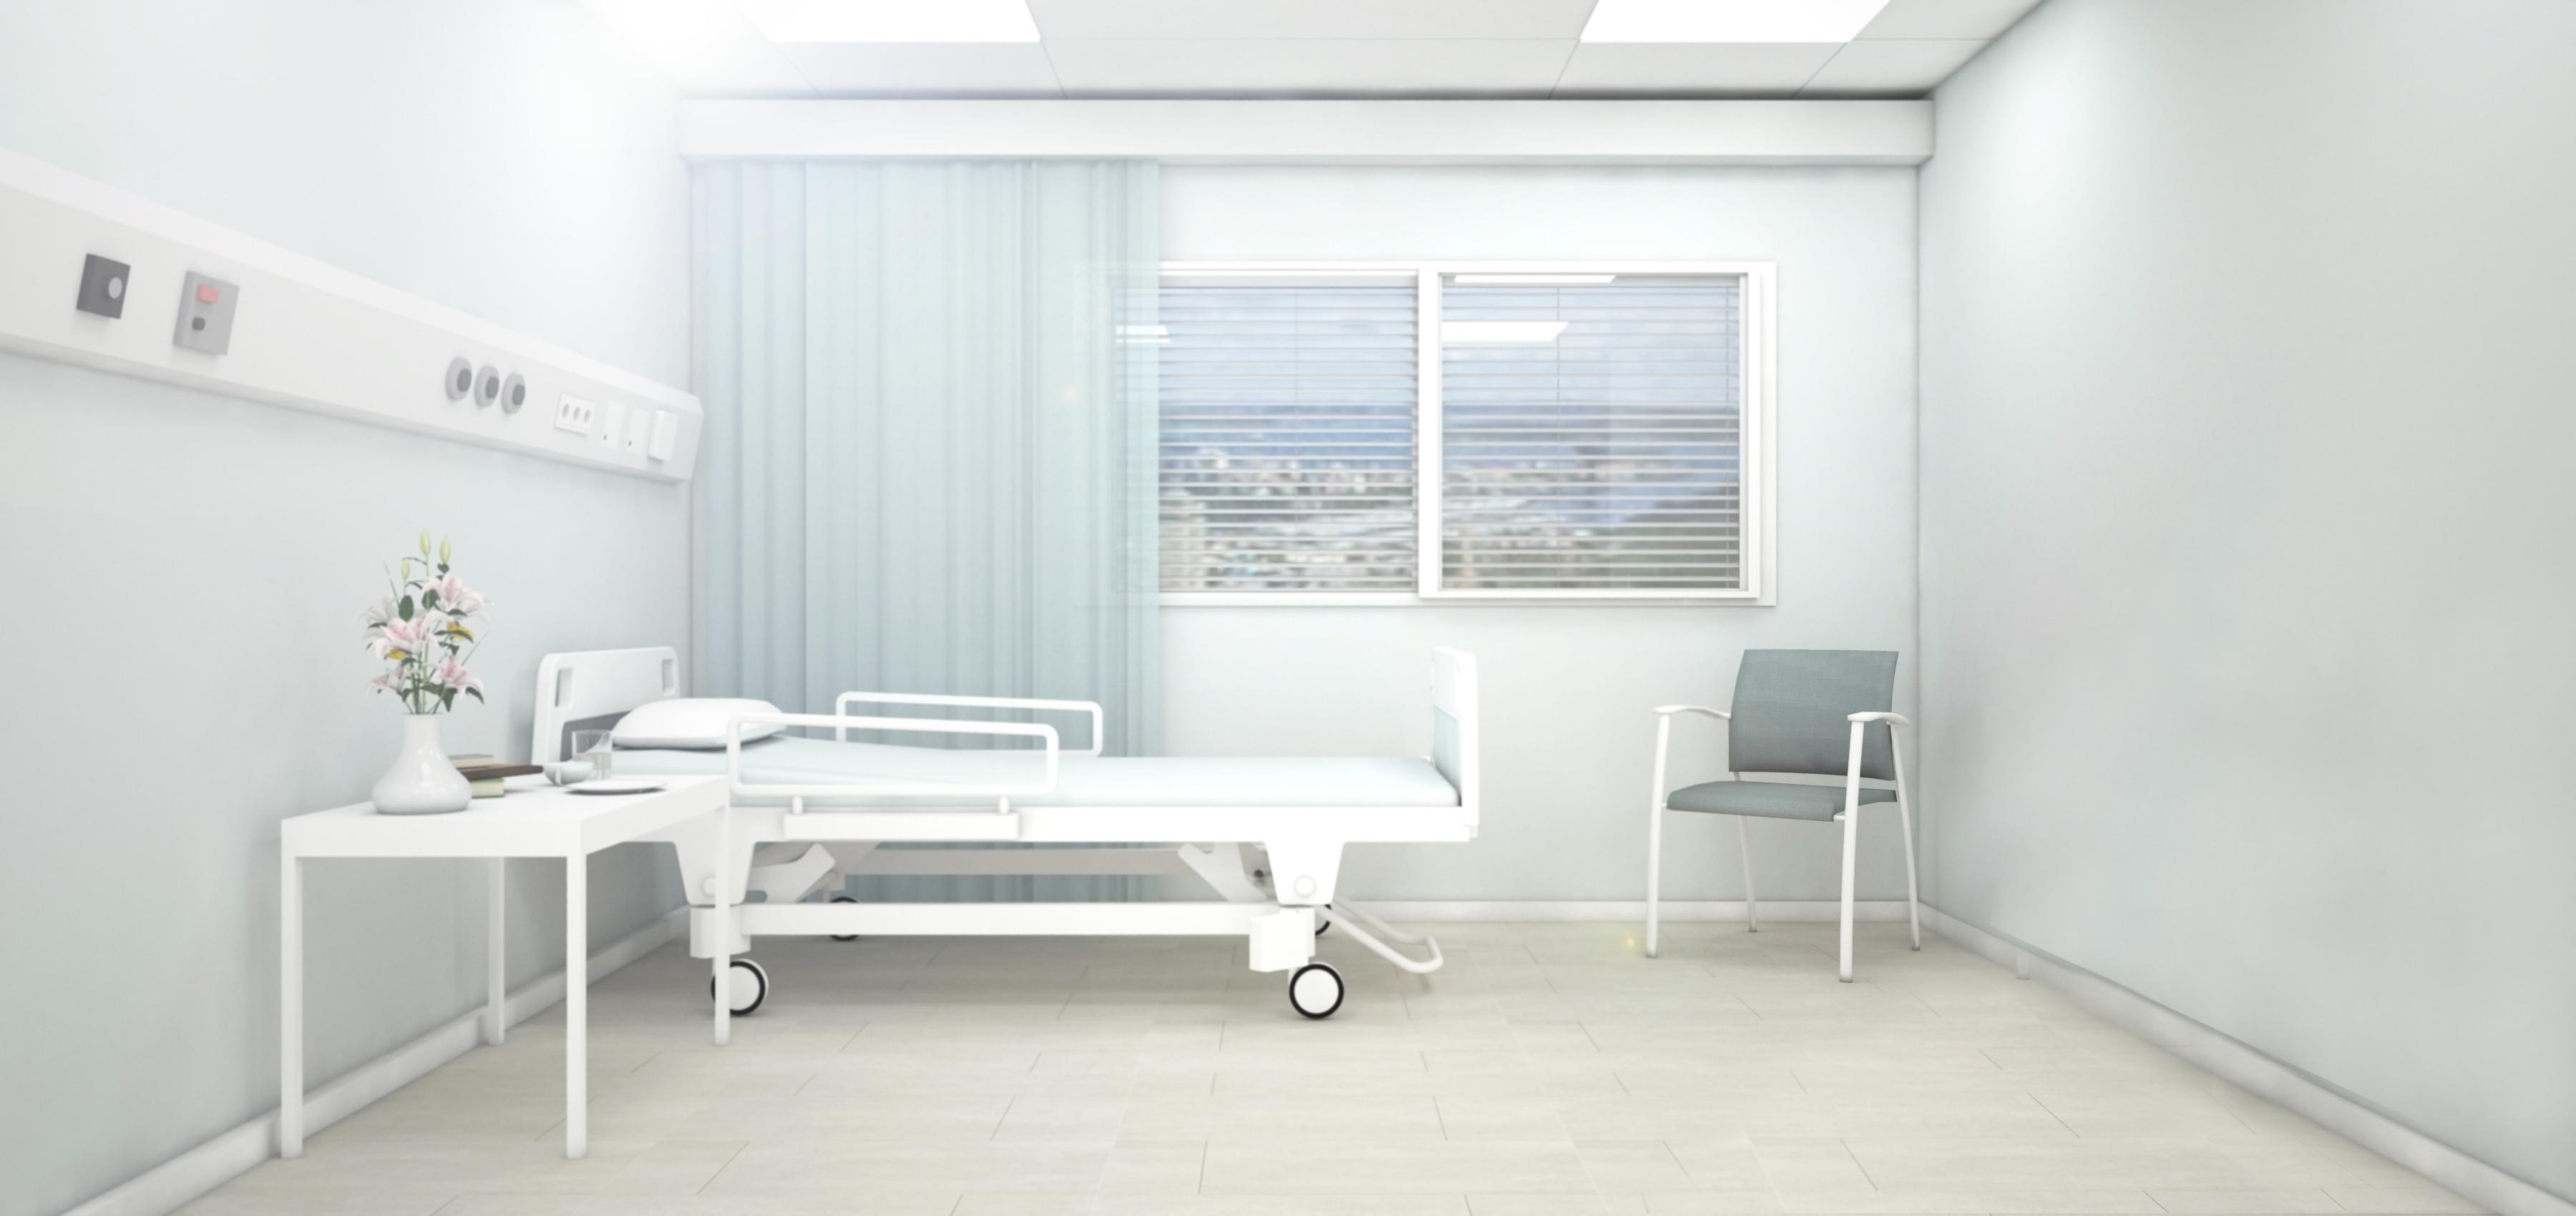 کاربرد فیلتر هوا در بیمارستانها